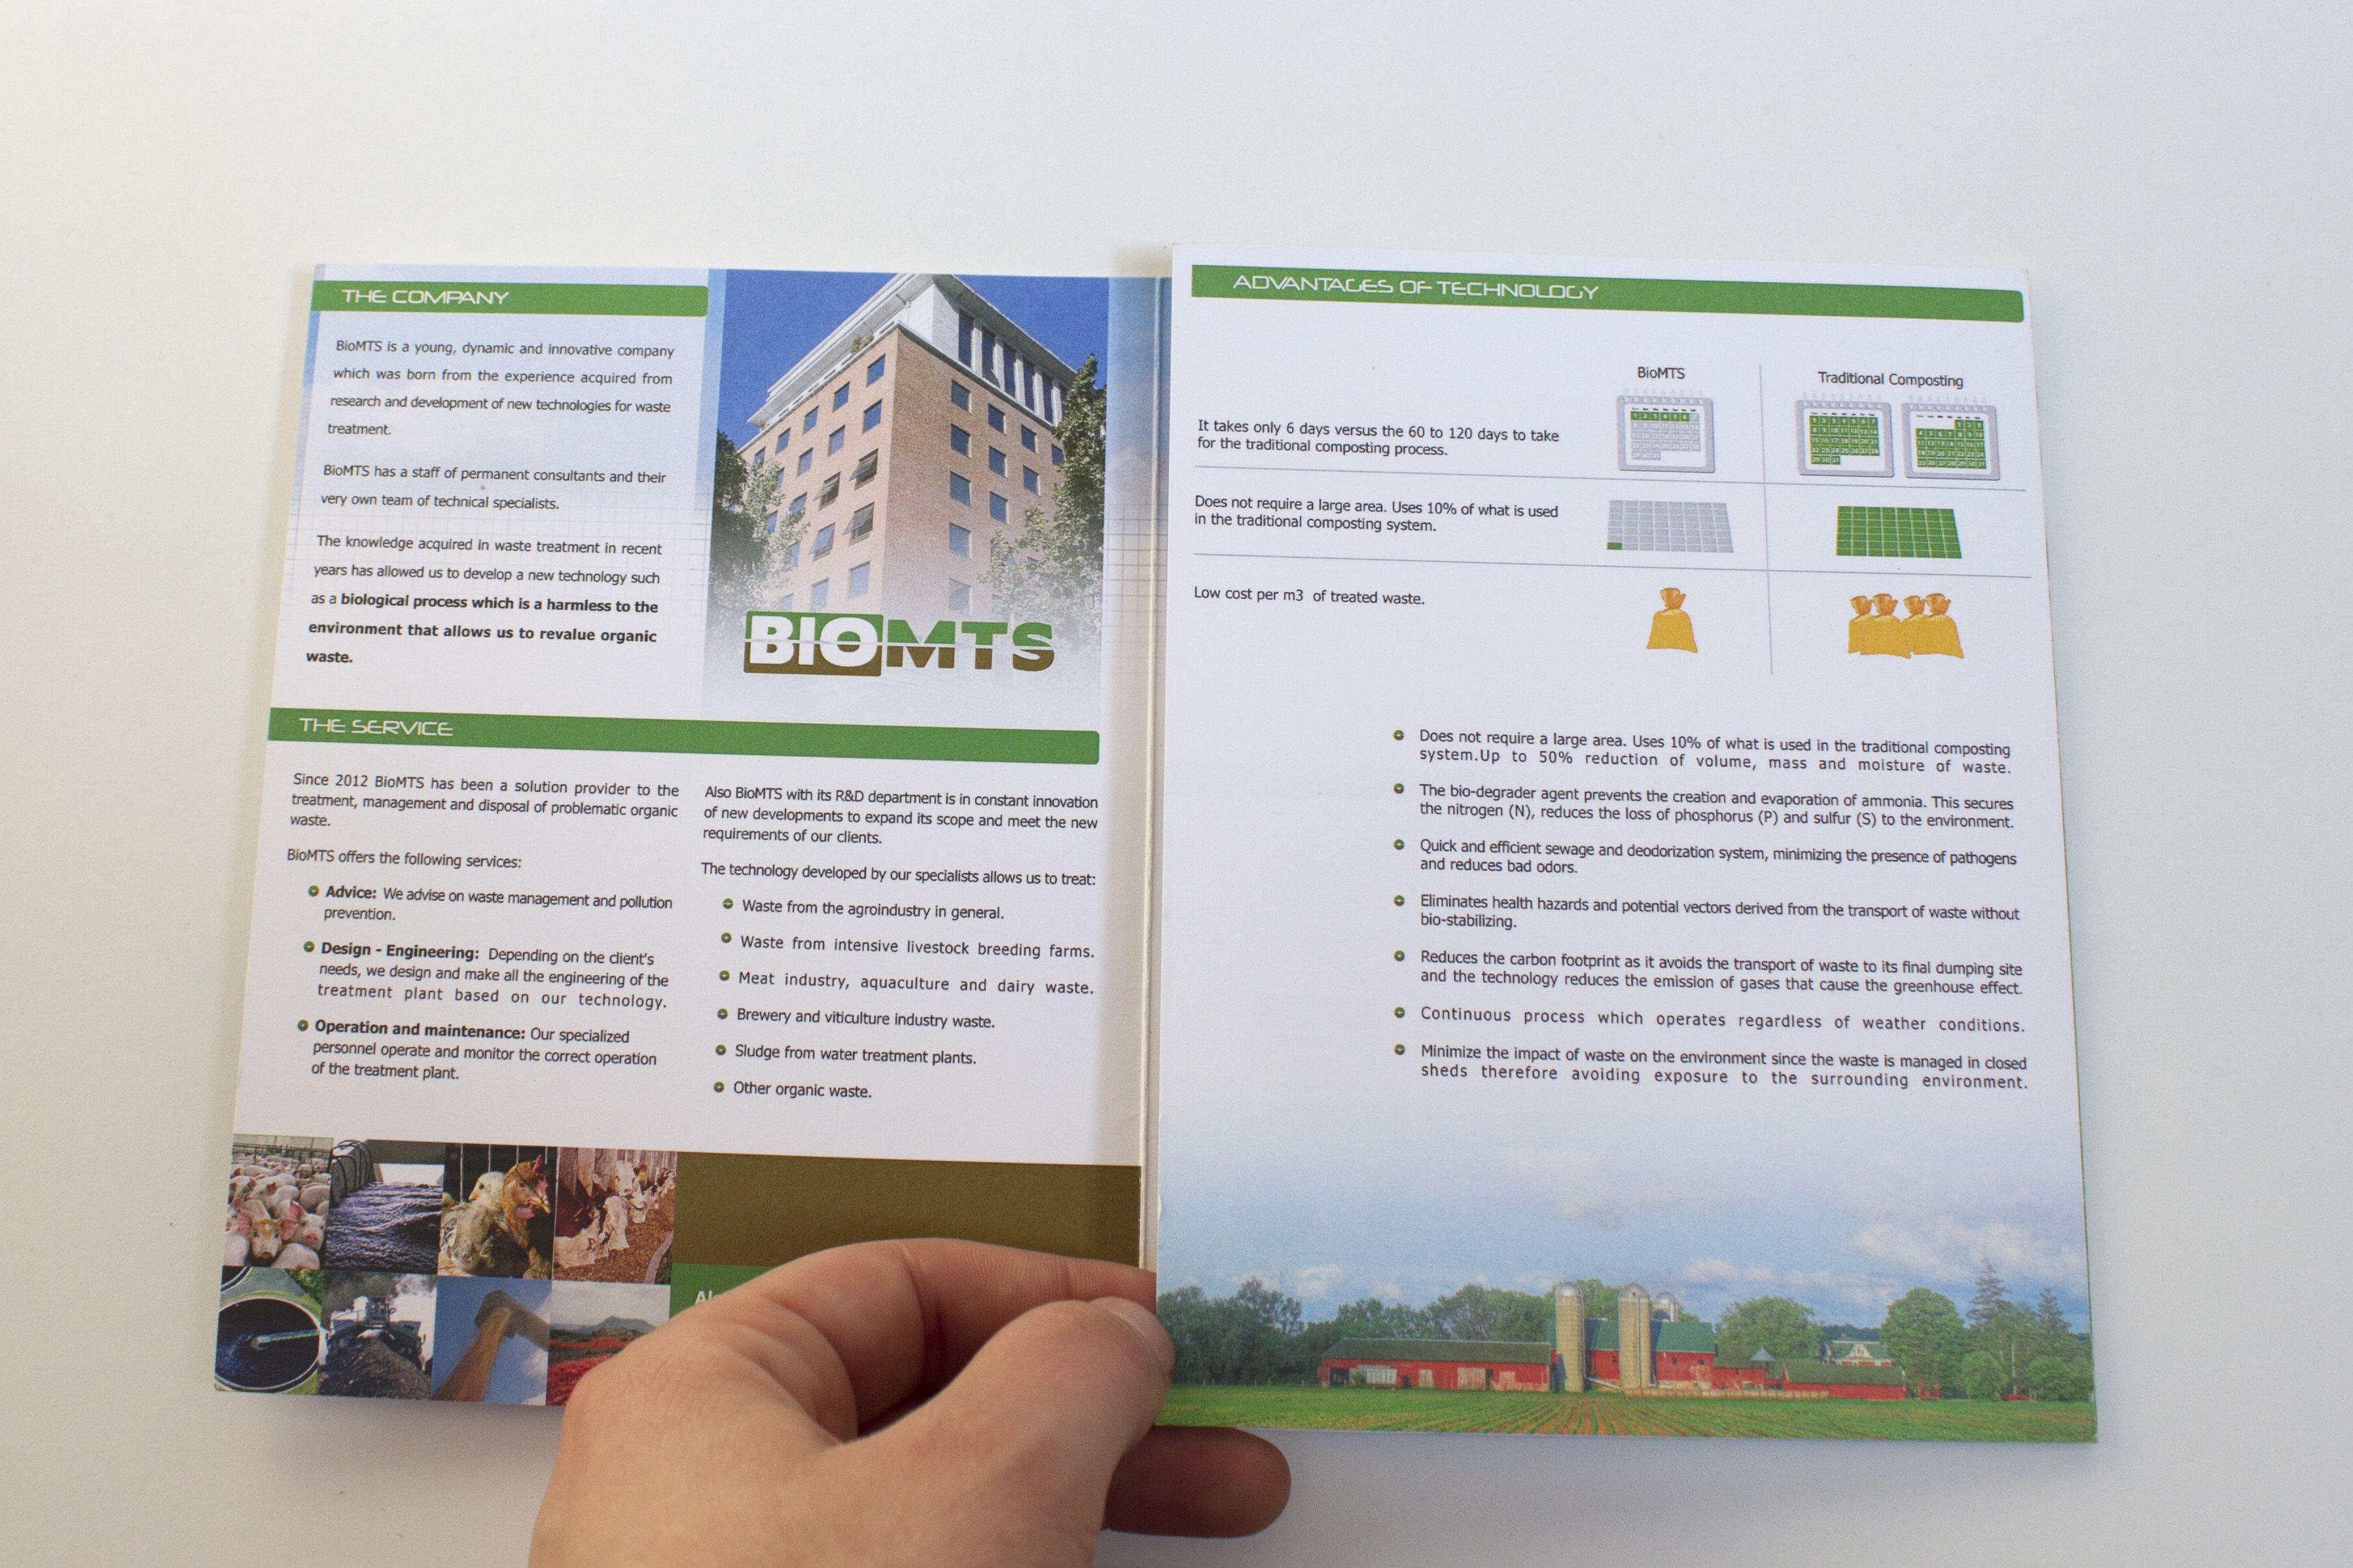 Tríptico promocional de los servicios de la empresa BioMTS para ser utilizado en ferias nacionales e internacionales. www.biomts.cl